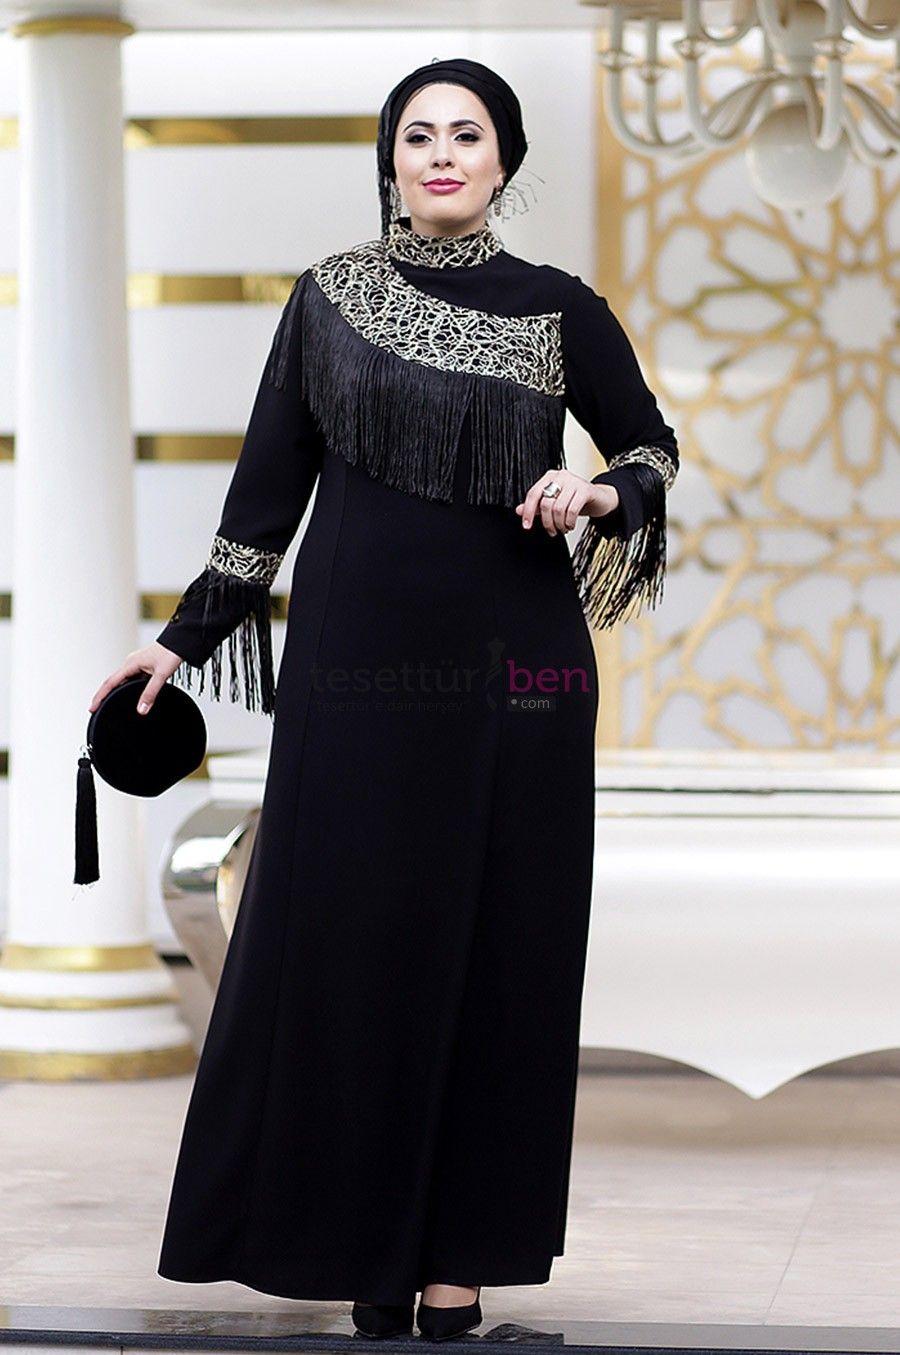 Nesrin Emniyetli Puskullu Gold Buyuk Beden Tesettur Abiye Siyah Giyim Plus Size Dresses Elbiseler